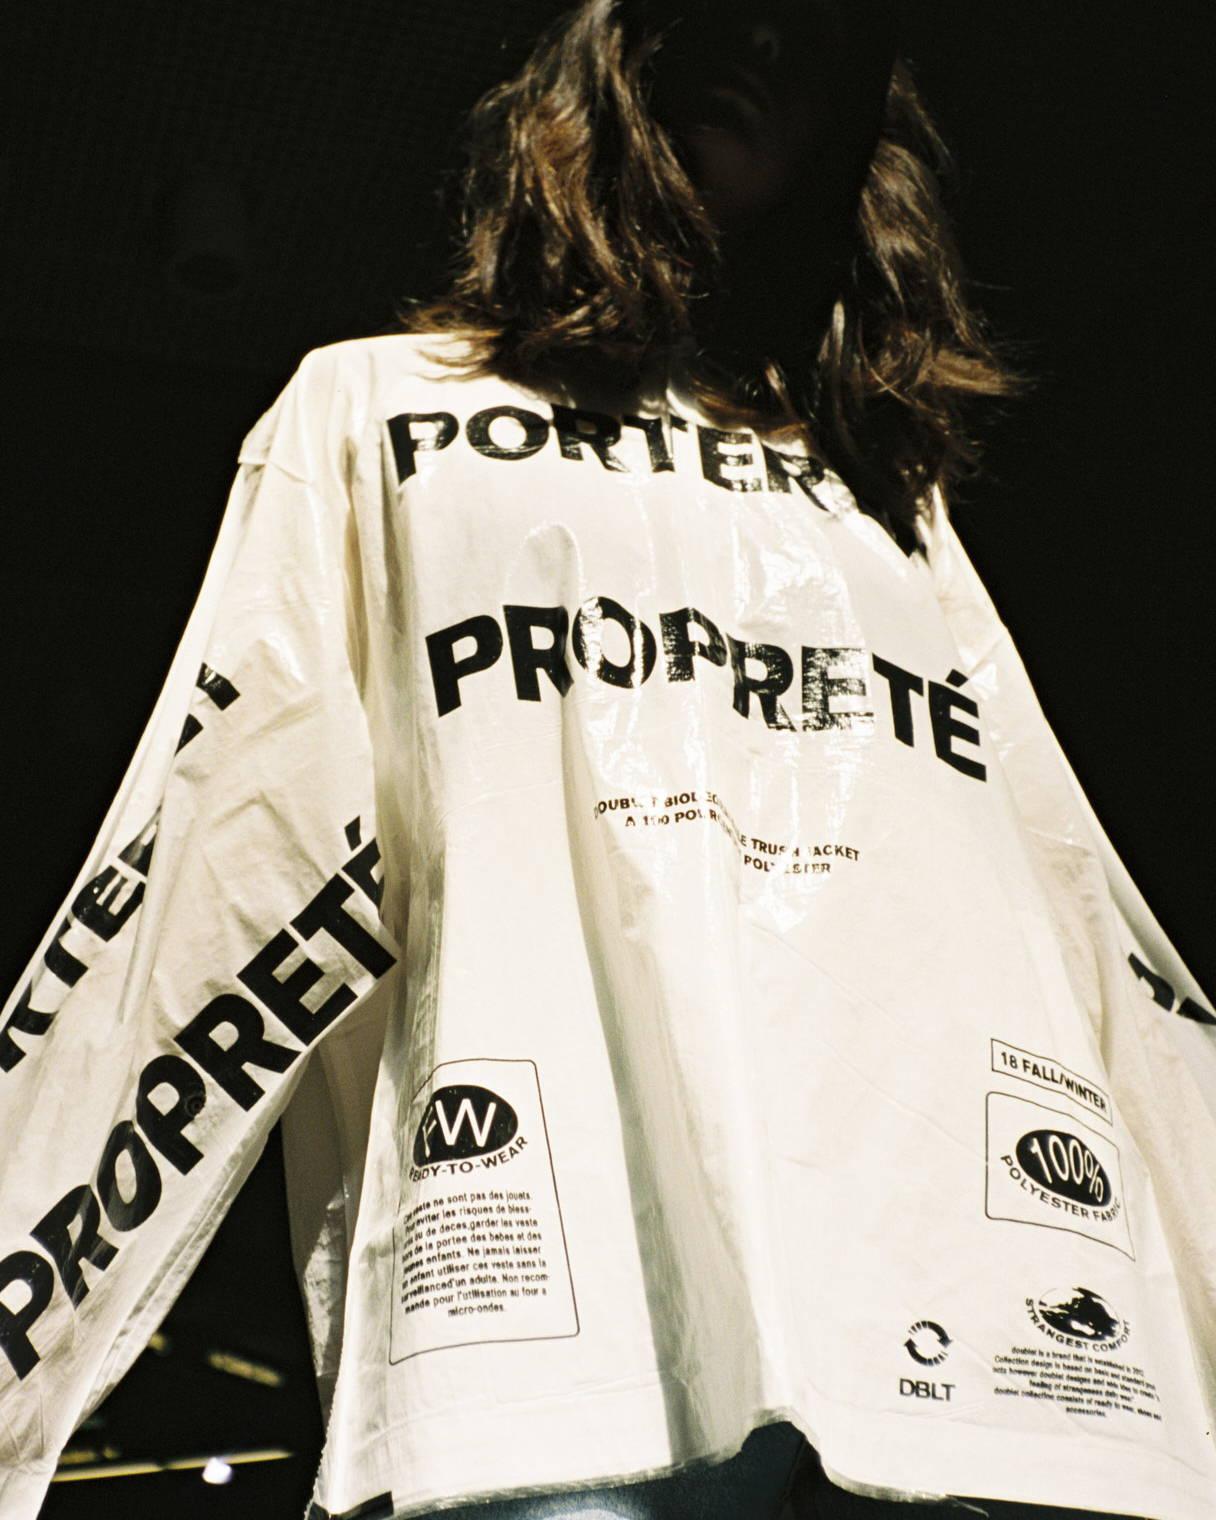 Doublet FW18 Porter et Properte´ Lacquered Shirt - Hlorenzo